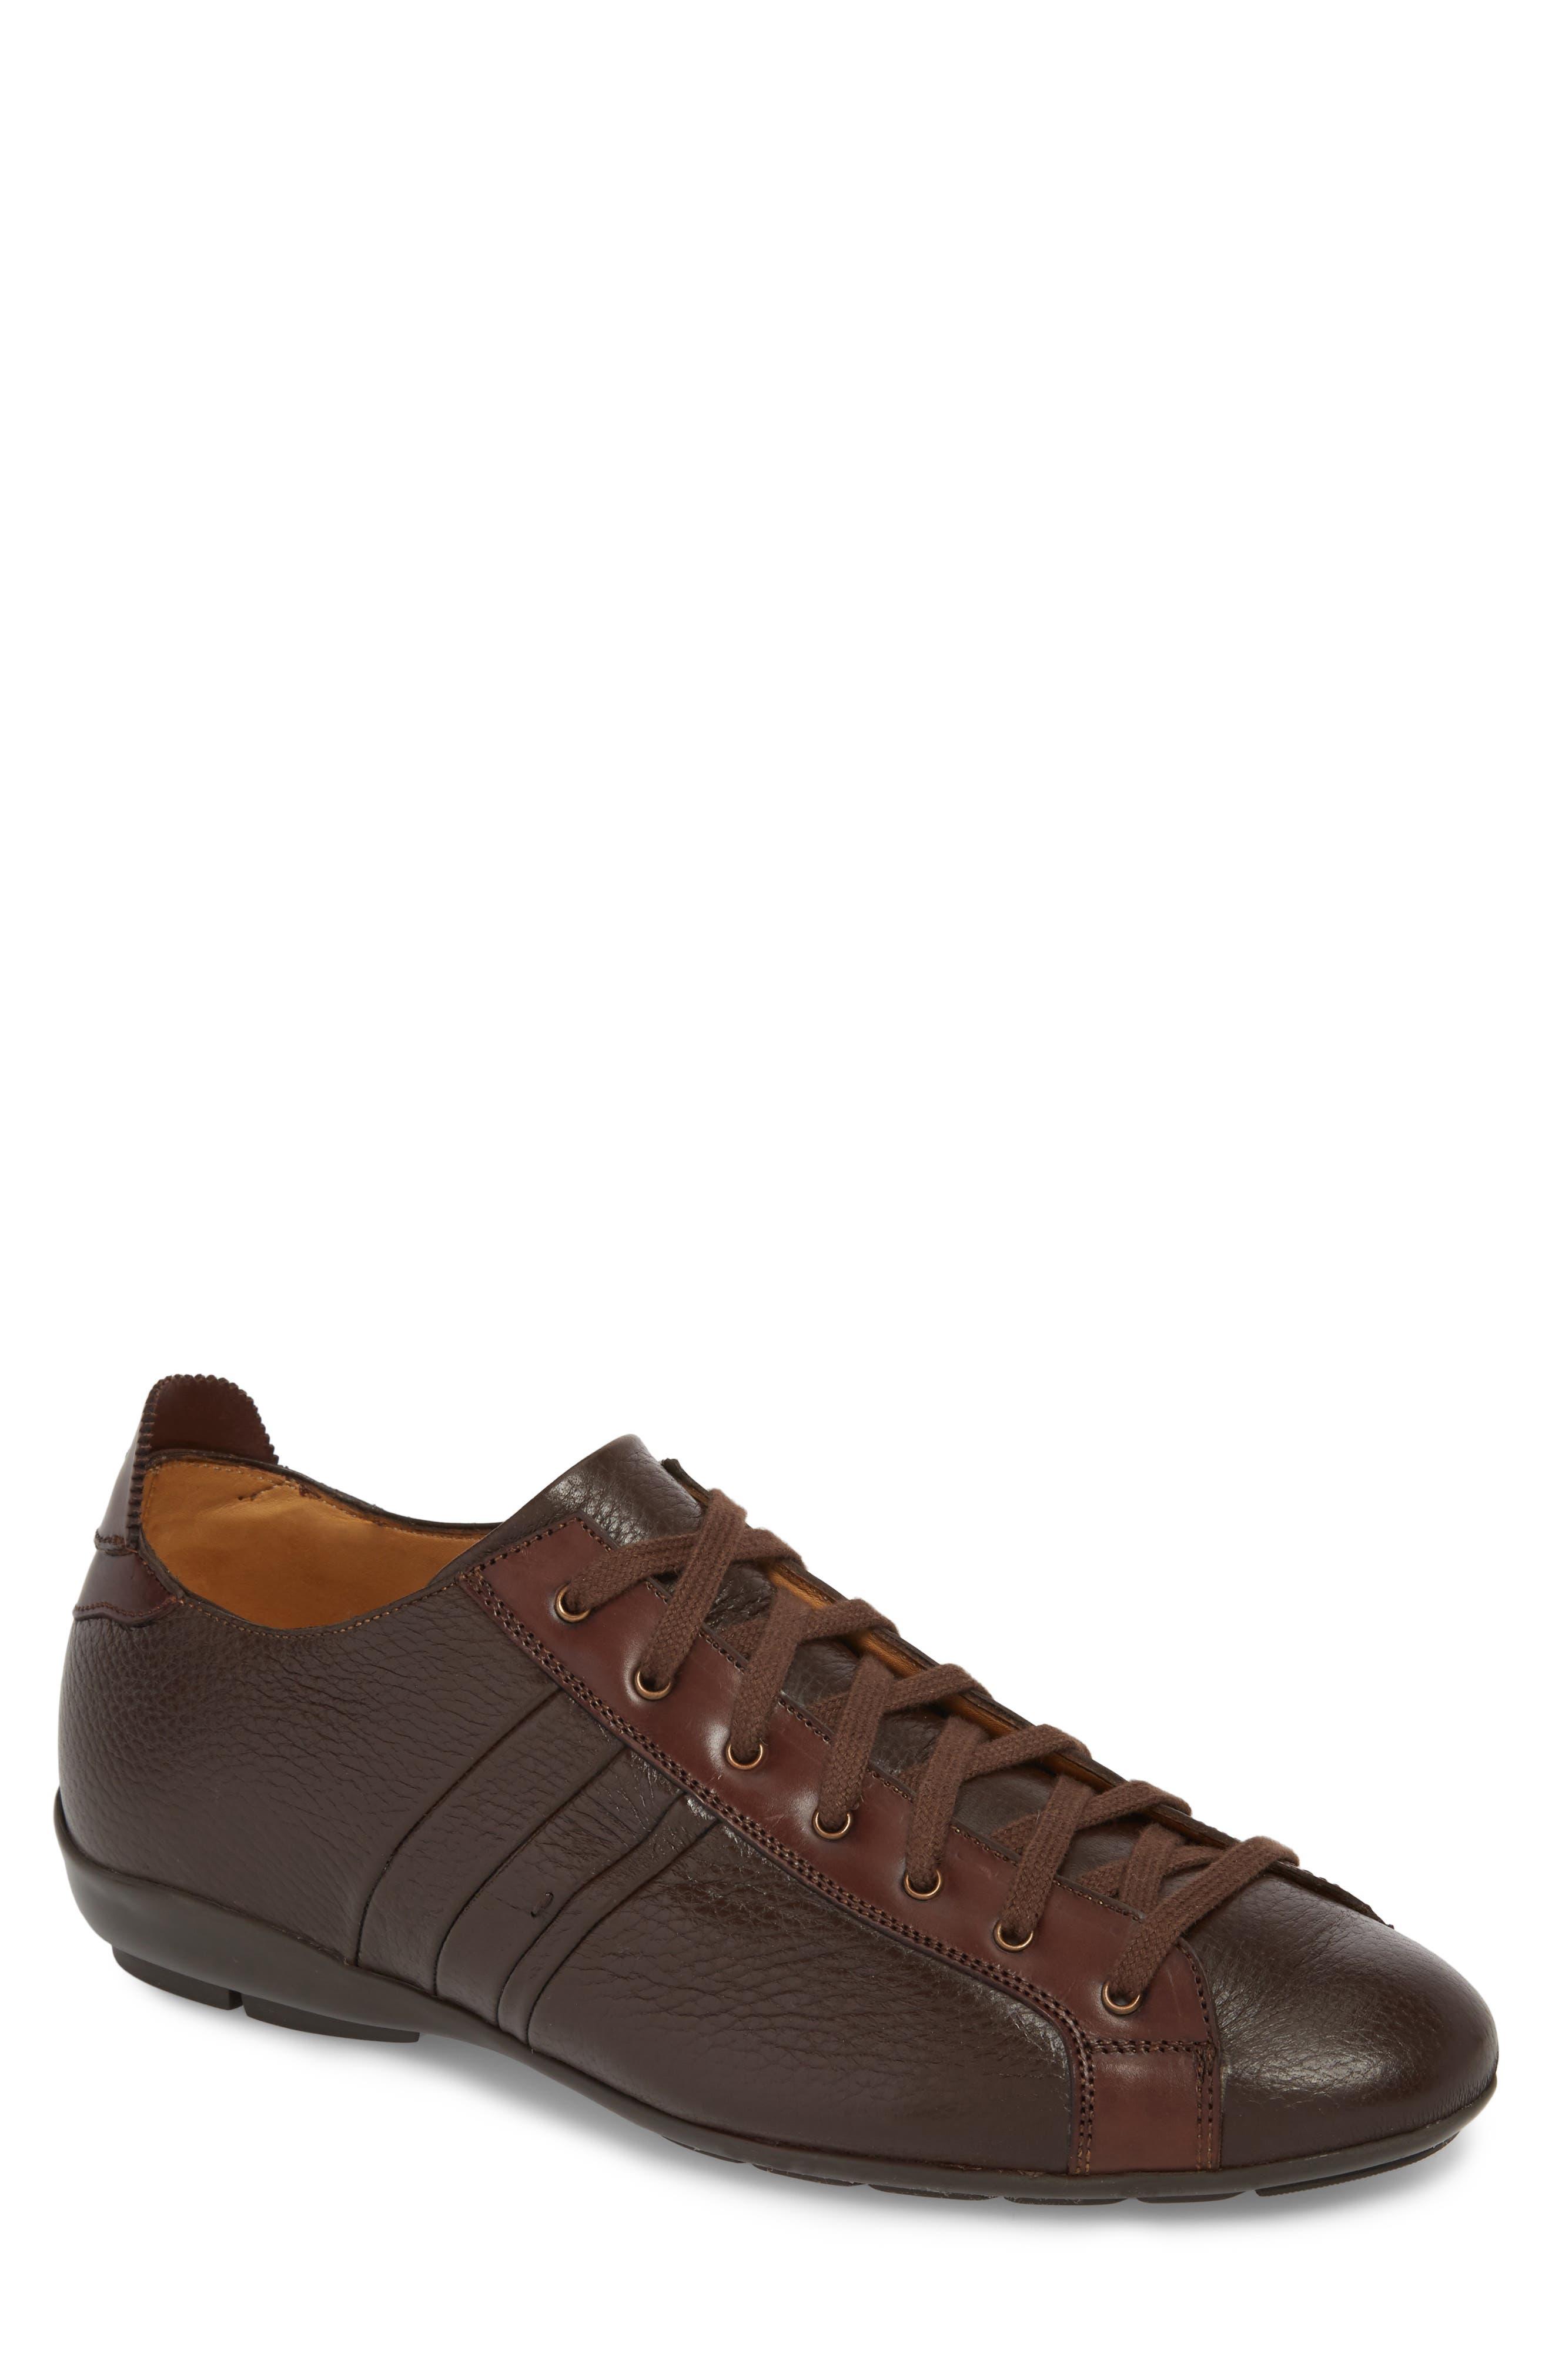 Tiberio Sneaker,                             Main thumbnail 1, color,                             BROWN